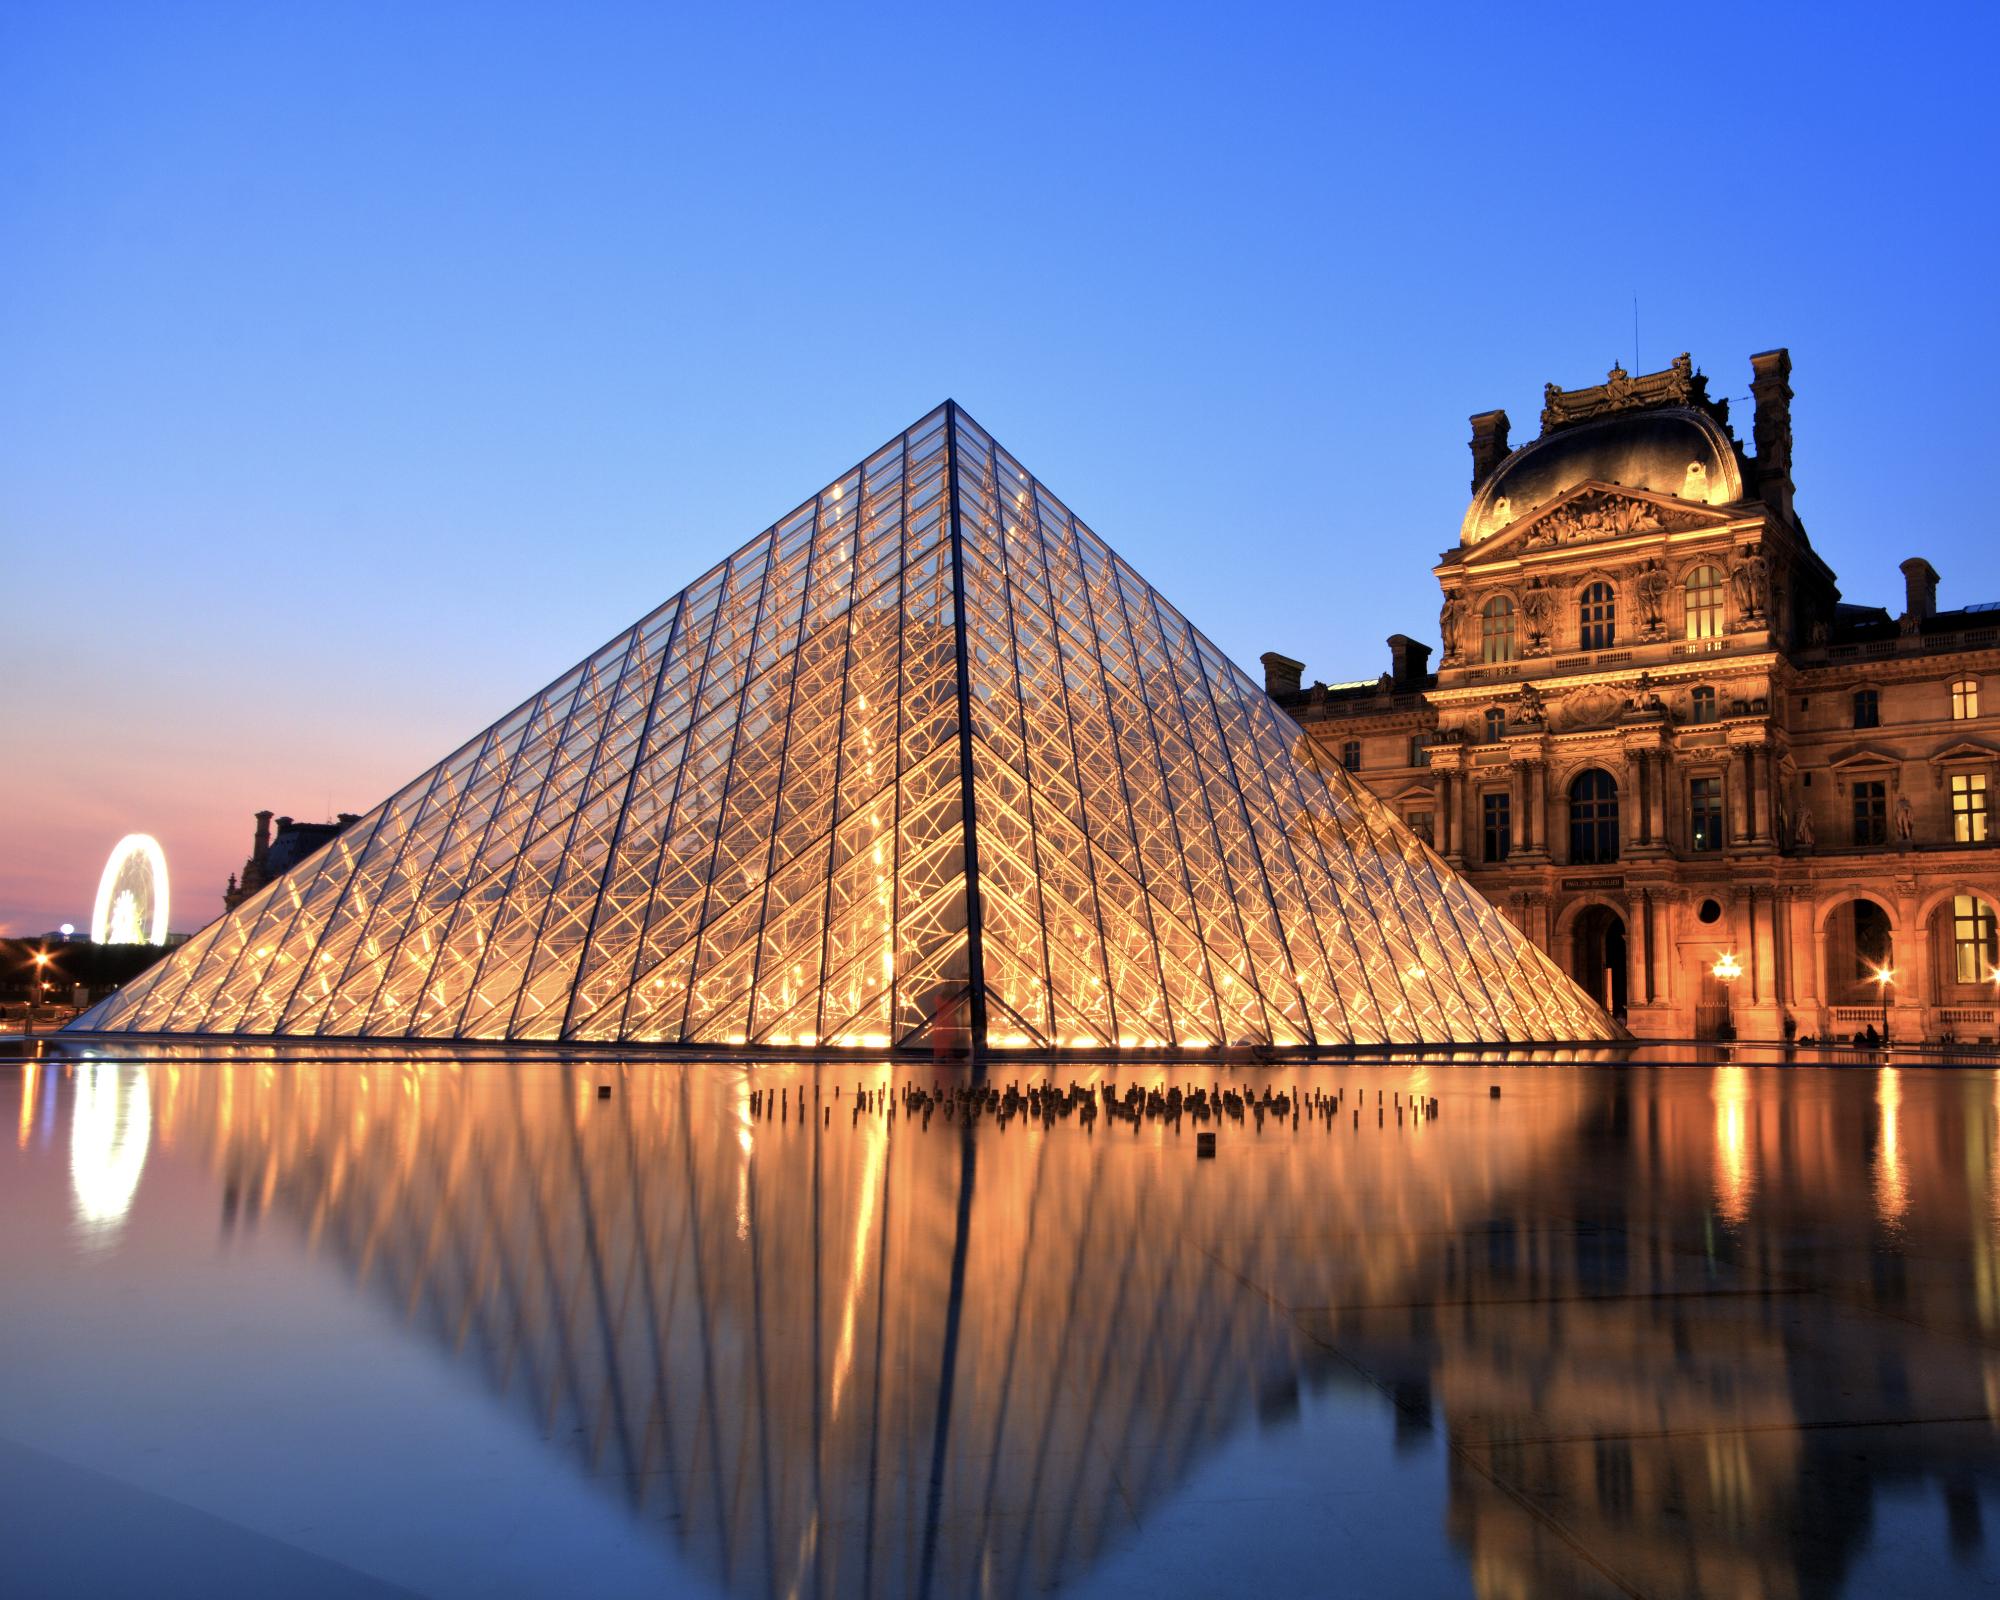 Louvre Pyramid in Paris